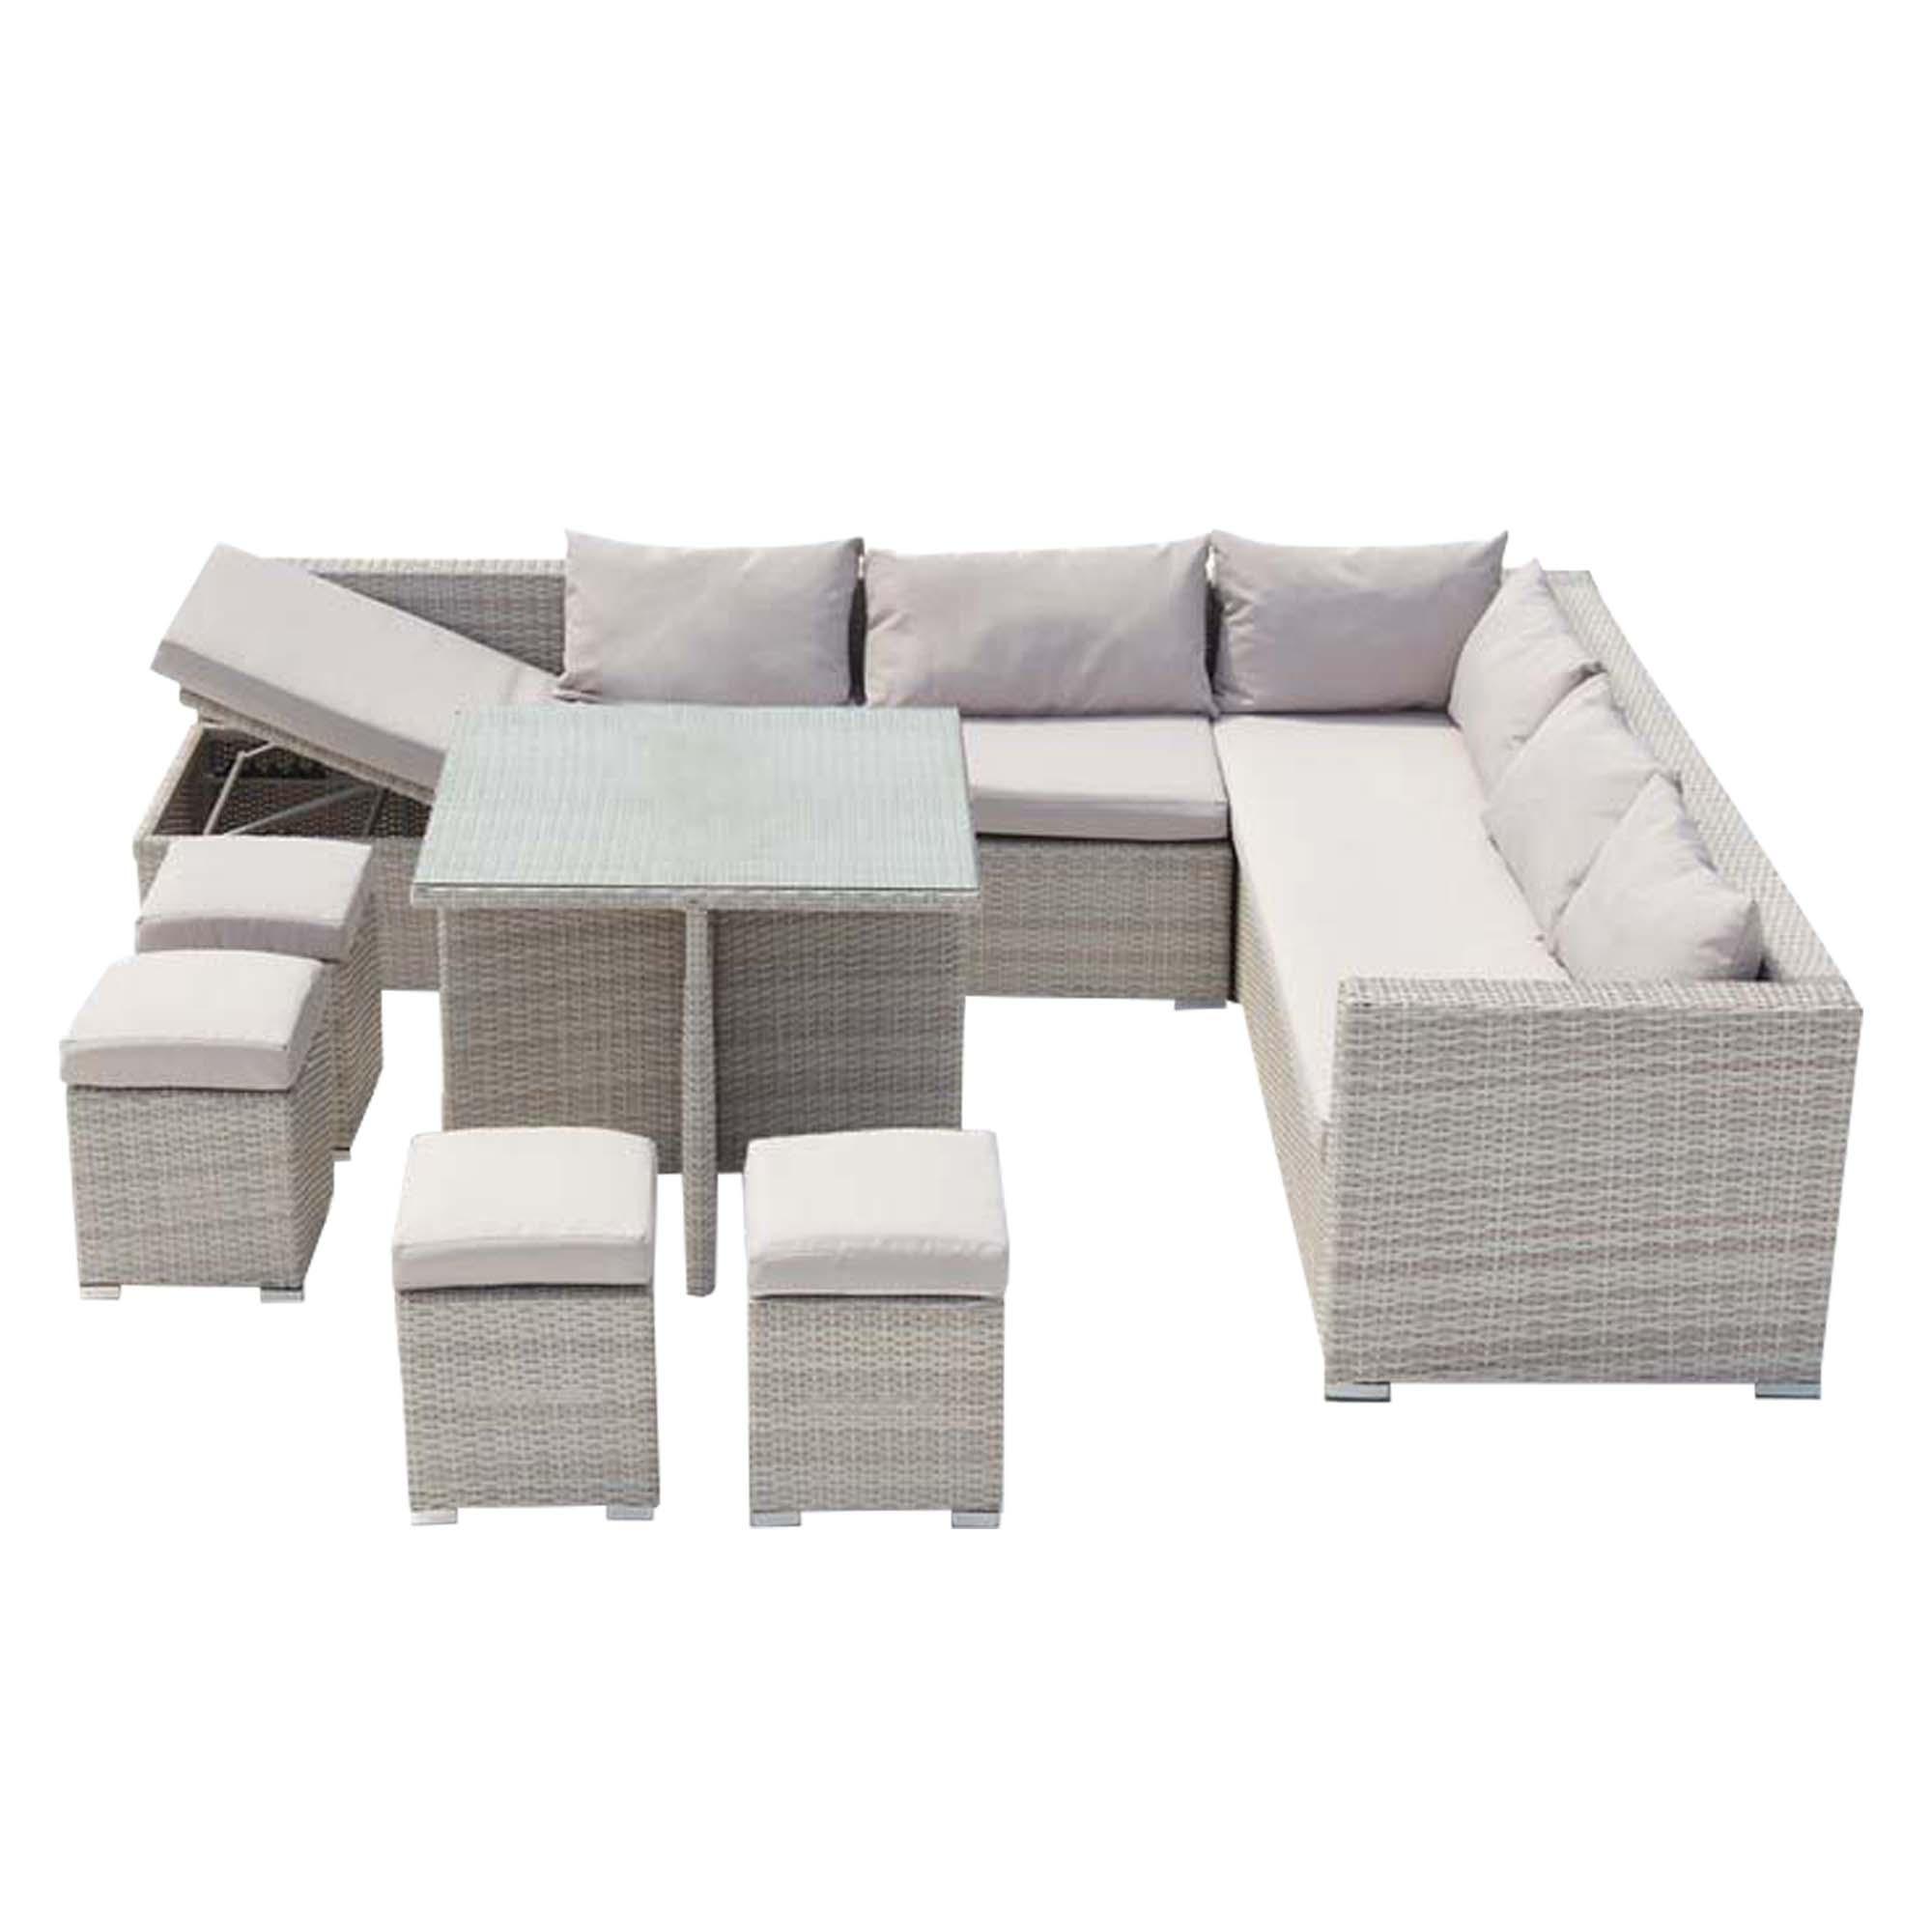 Salon de jardin encastrable 10 places en résine gris/blanc